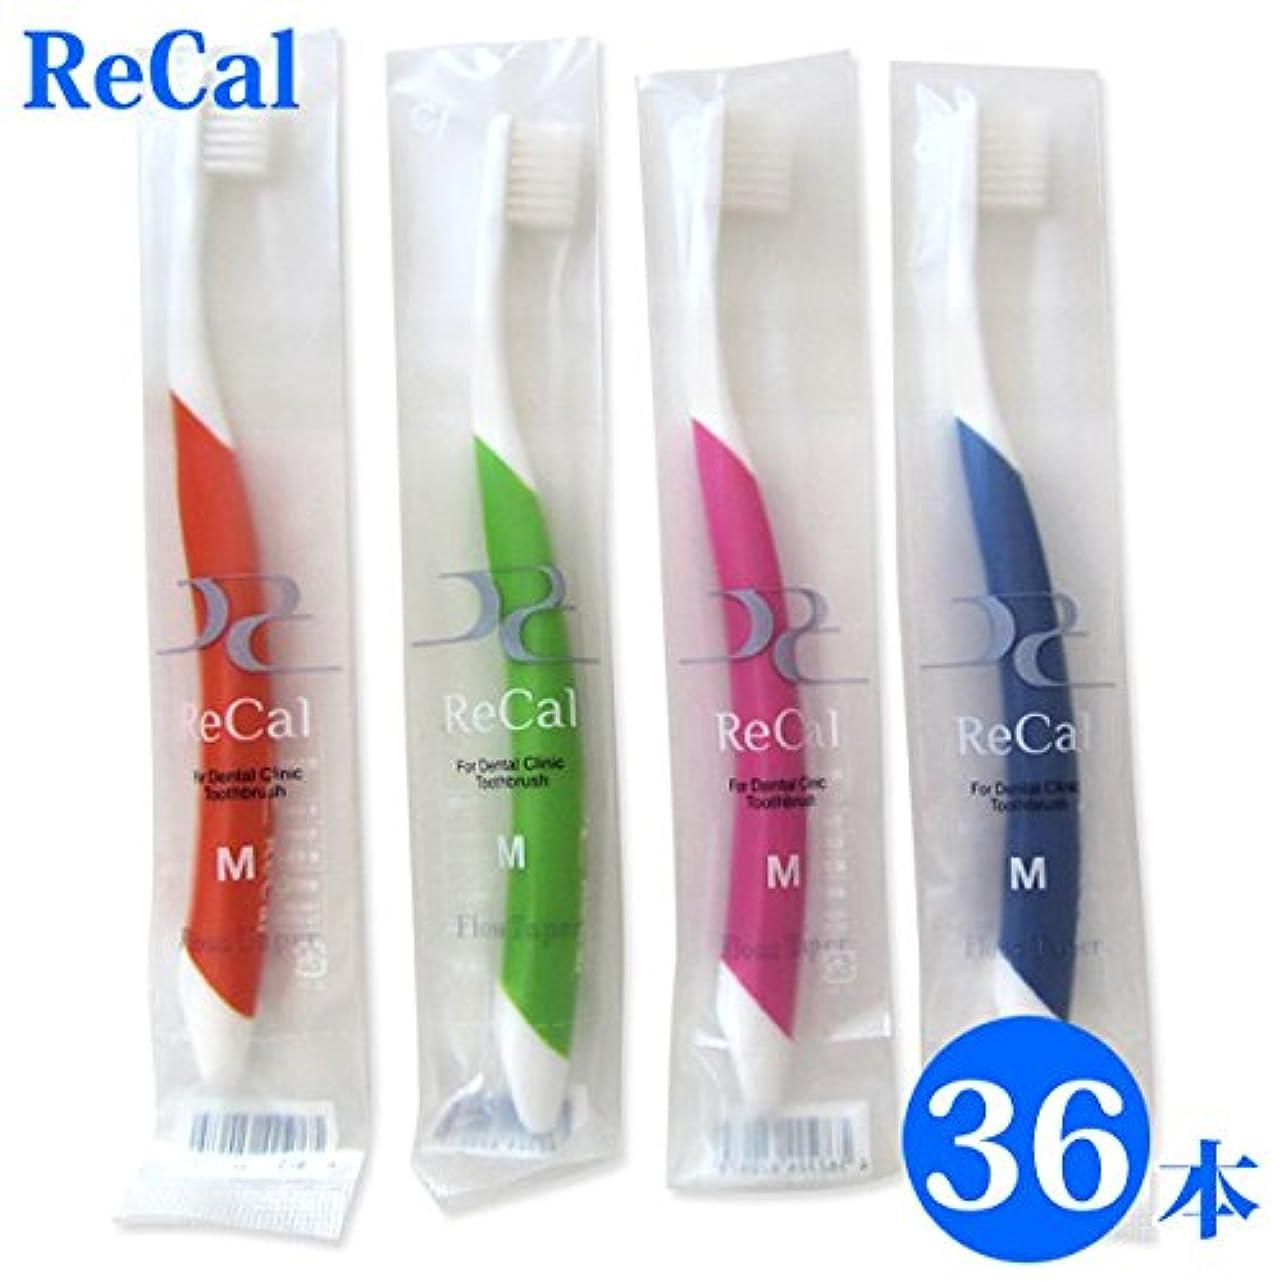 目を覚ます拮抗する根拠36本入り 歯科医院専用商品 ReCal リカル M 大人用 一般 歯ブラシ4色アソート